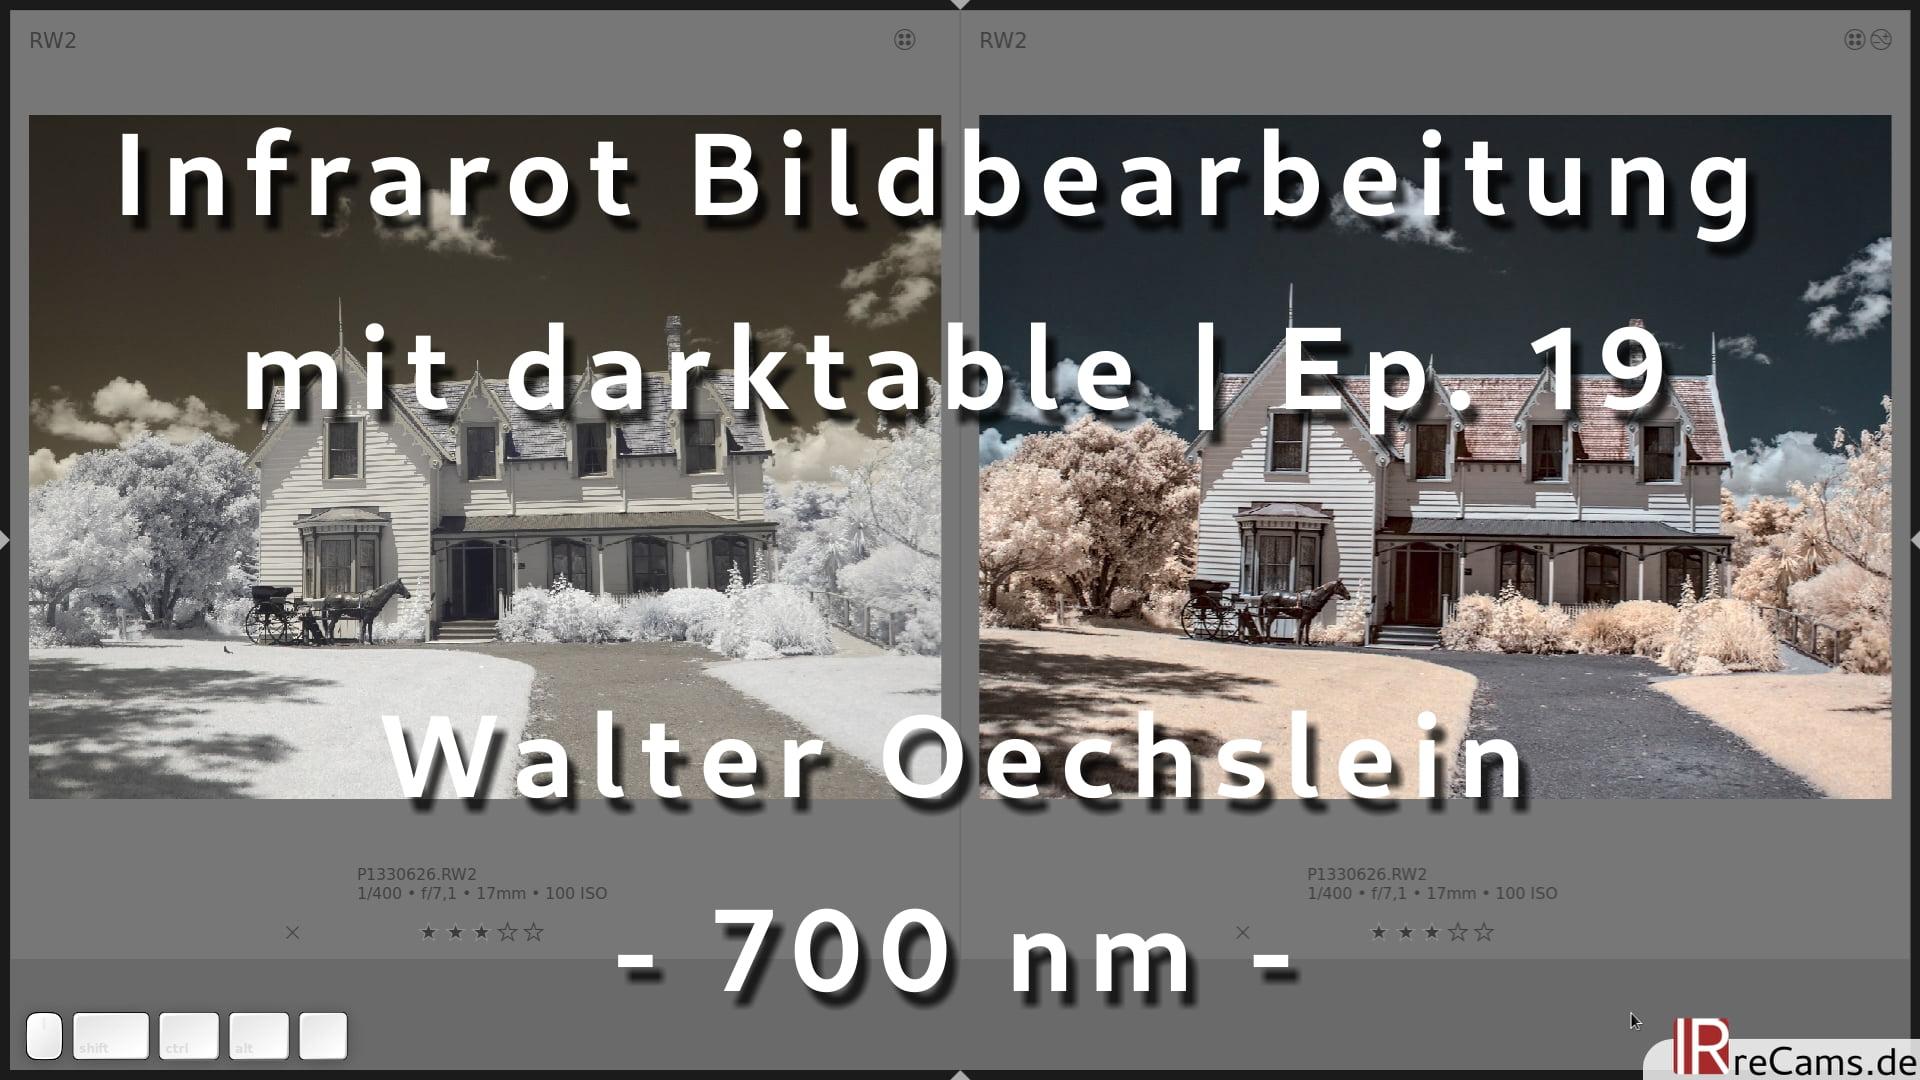 Infrarot Bildbearbeitung mit darktable | Ep. 19